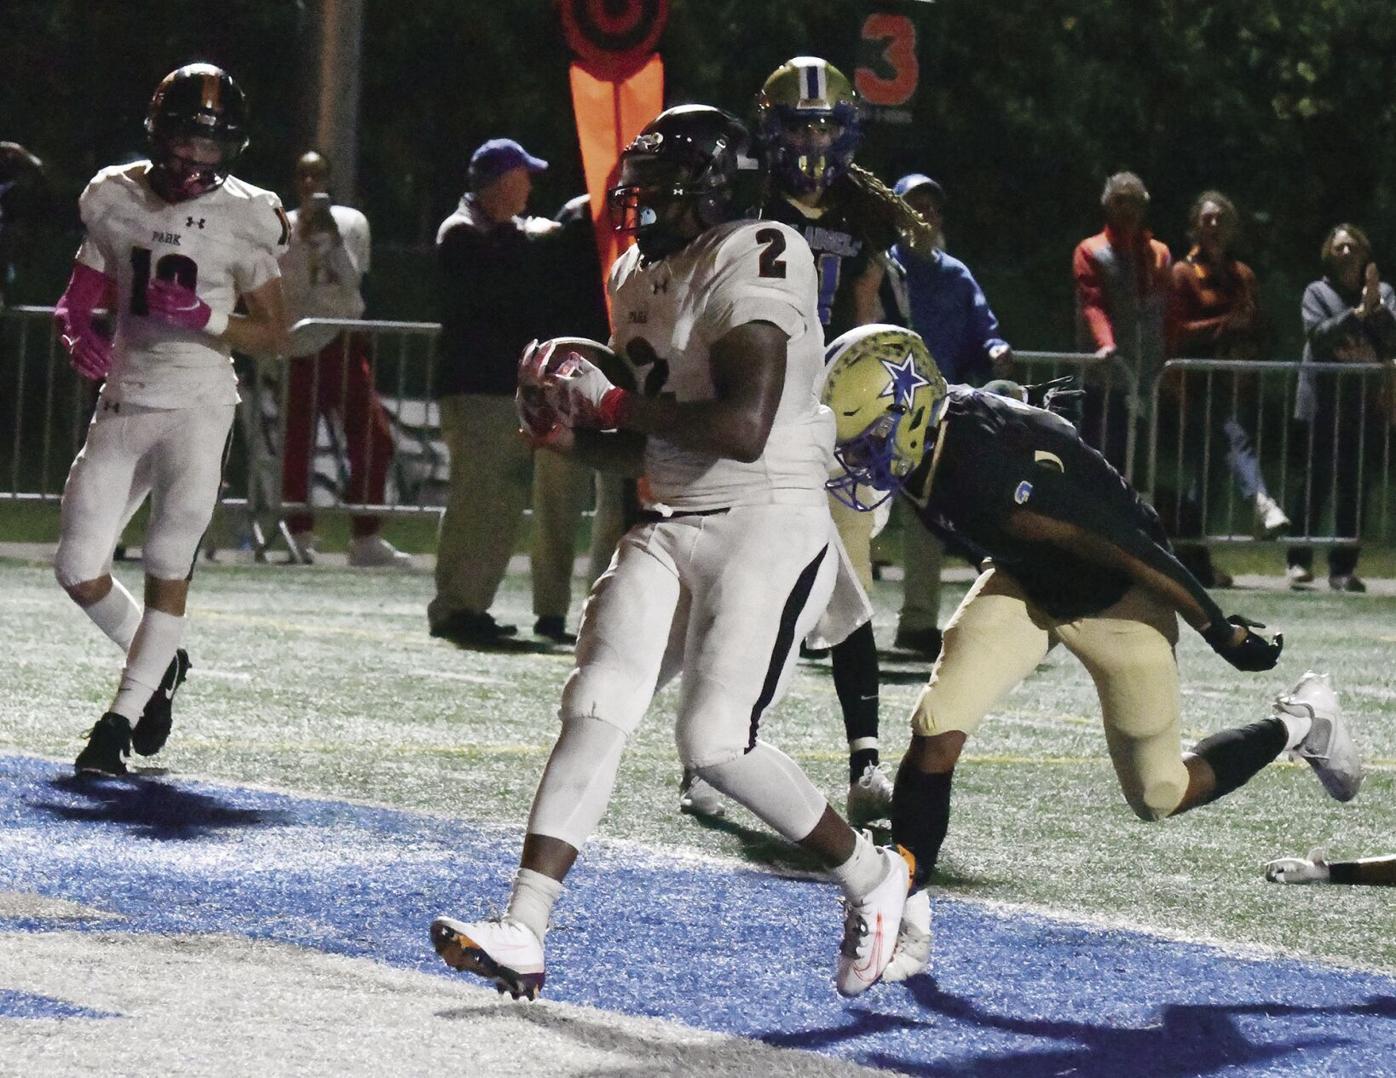 Deontez Ross, Jr. touchdown